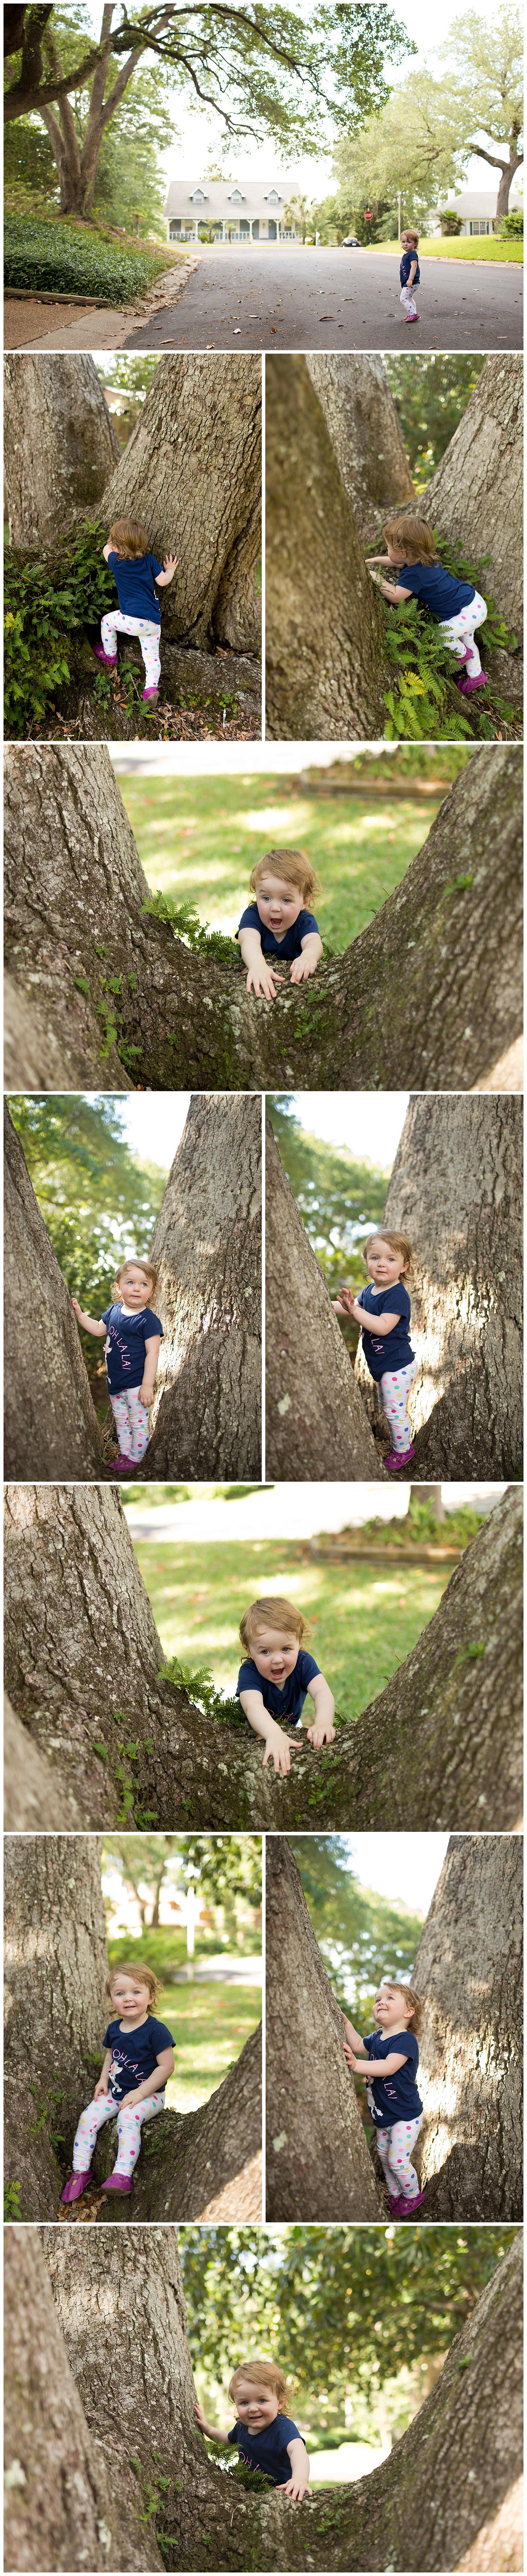 toddler girl climbing tree in Ocean Springs, Mississippi